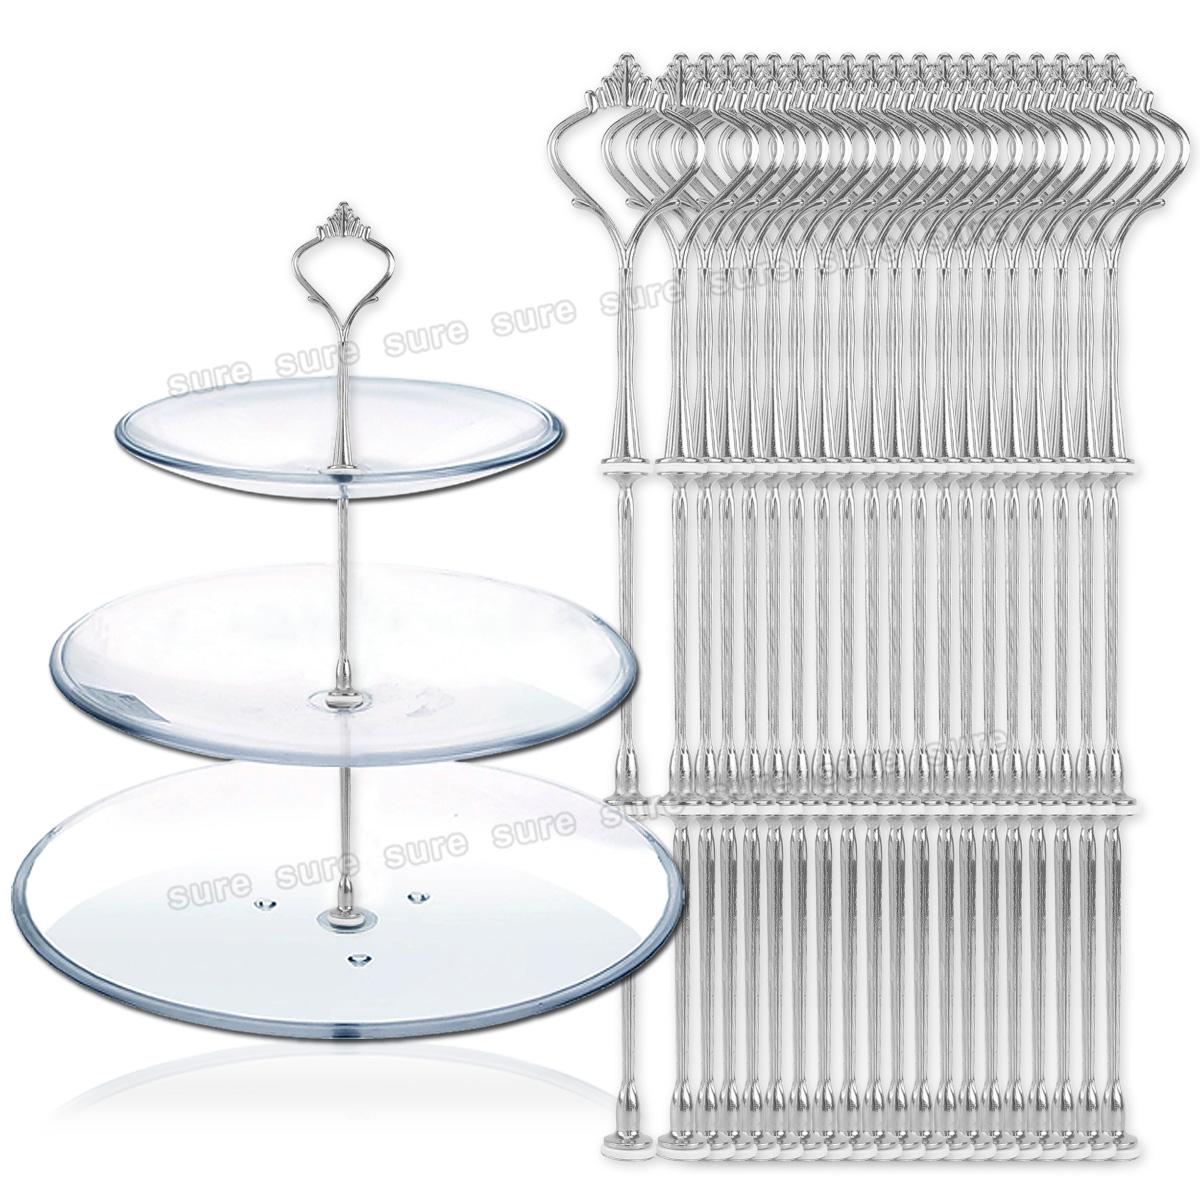 20 x silber metallstange mittellochausstech f r 3 etagere kuchen tortenst nder ebay. Black Bedroom Furniture Sets. Home Design Ideas